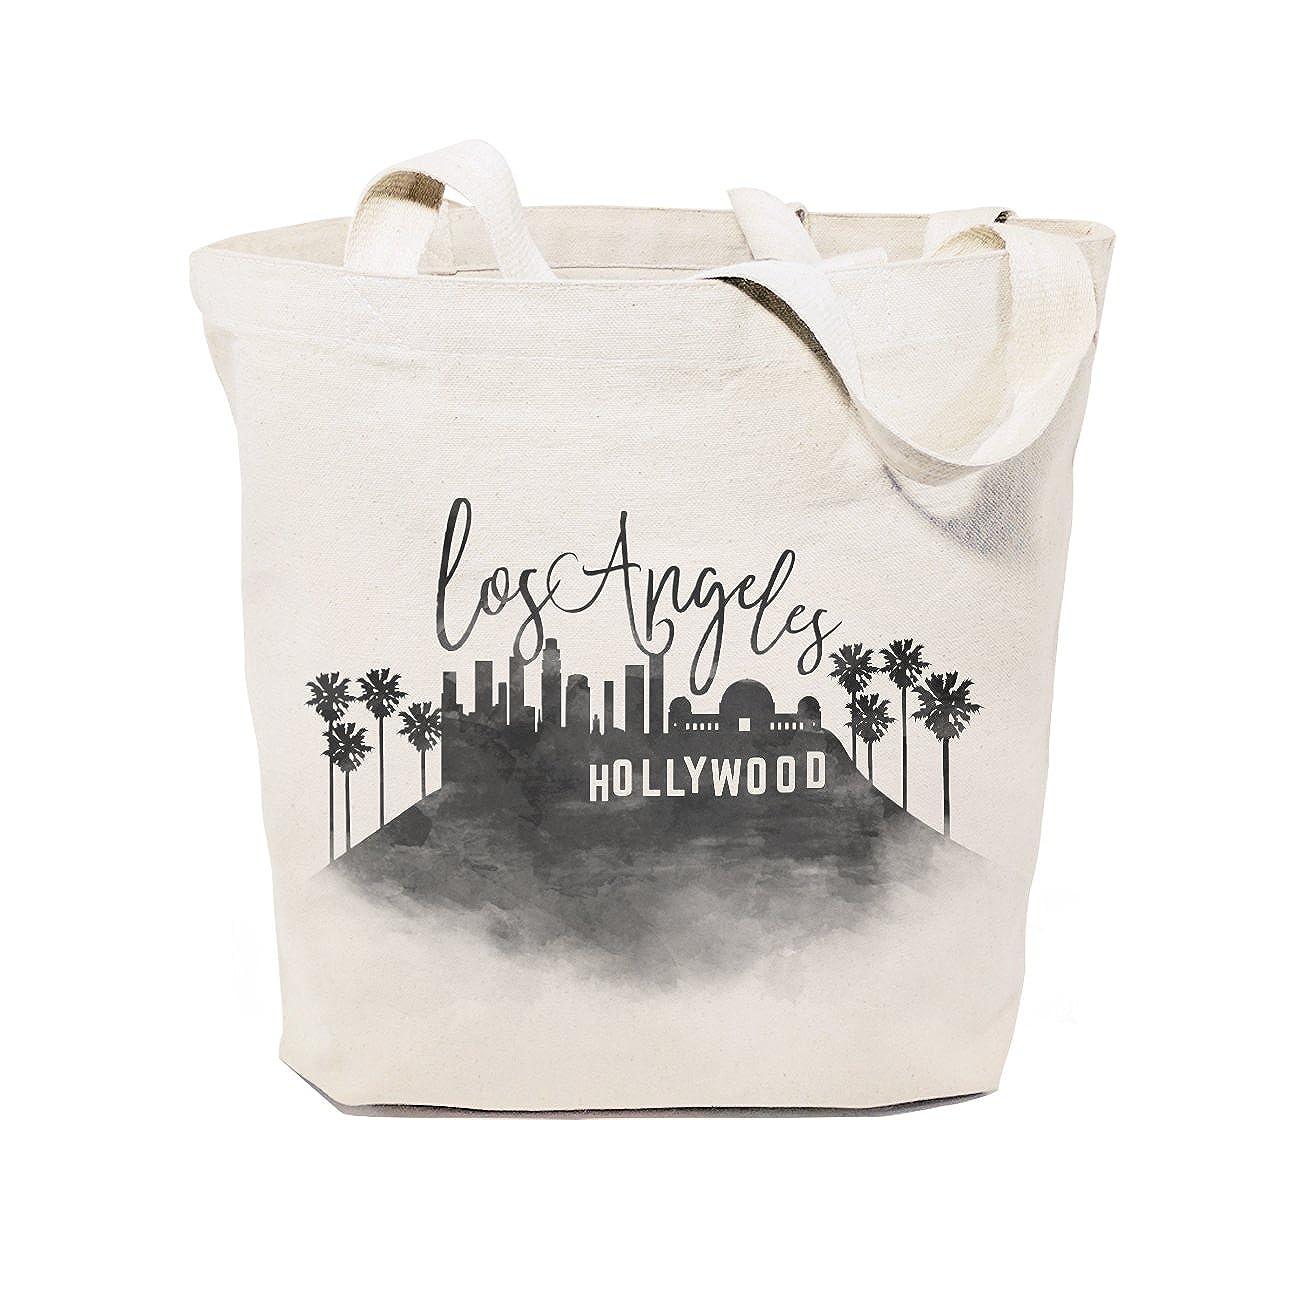 お買い得モデル The Canvas レディース Cotton & Canvas Co. レディース B0768RKZ59 Angeles) ロサンゼルス(Los Angeles) ロサンゼルス(Los Angeles), MOUNT BLUE SELECTION:e5bf675f --- 4x4.lt